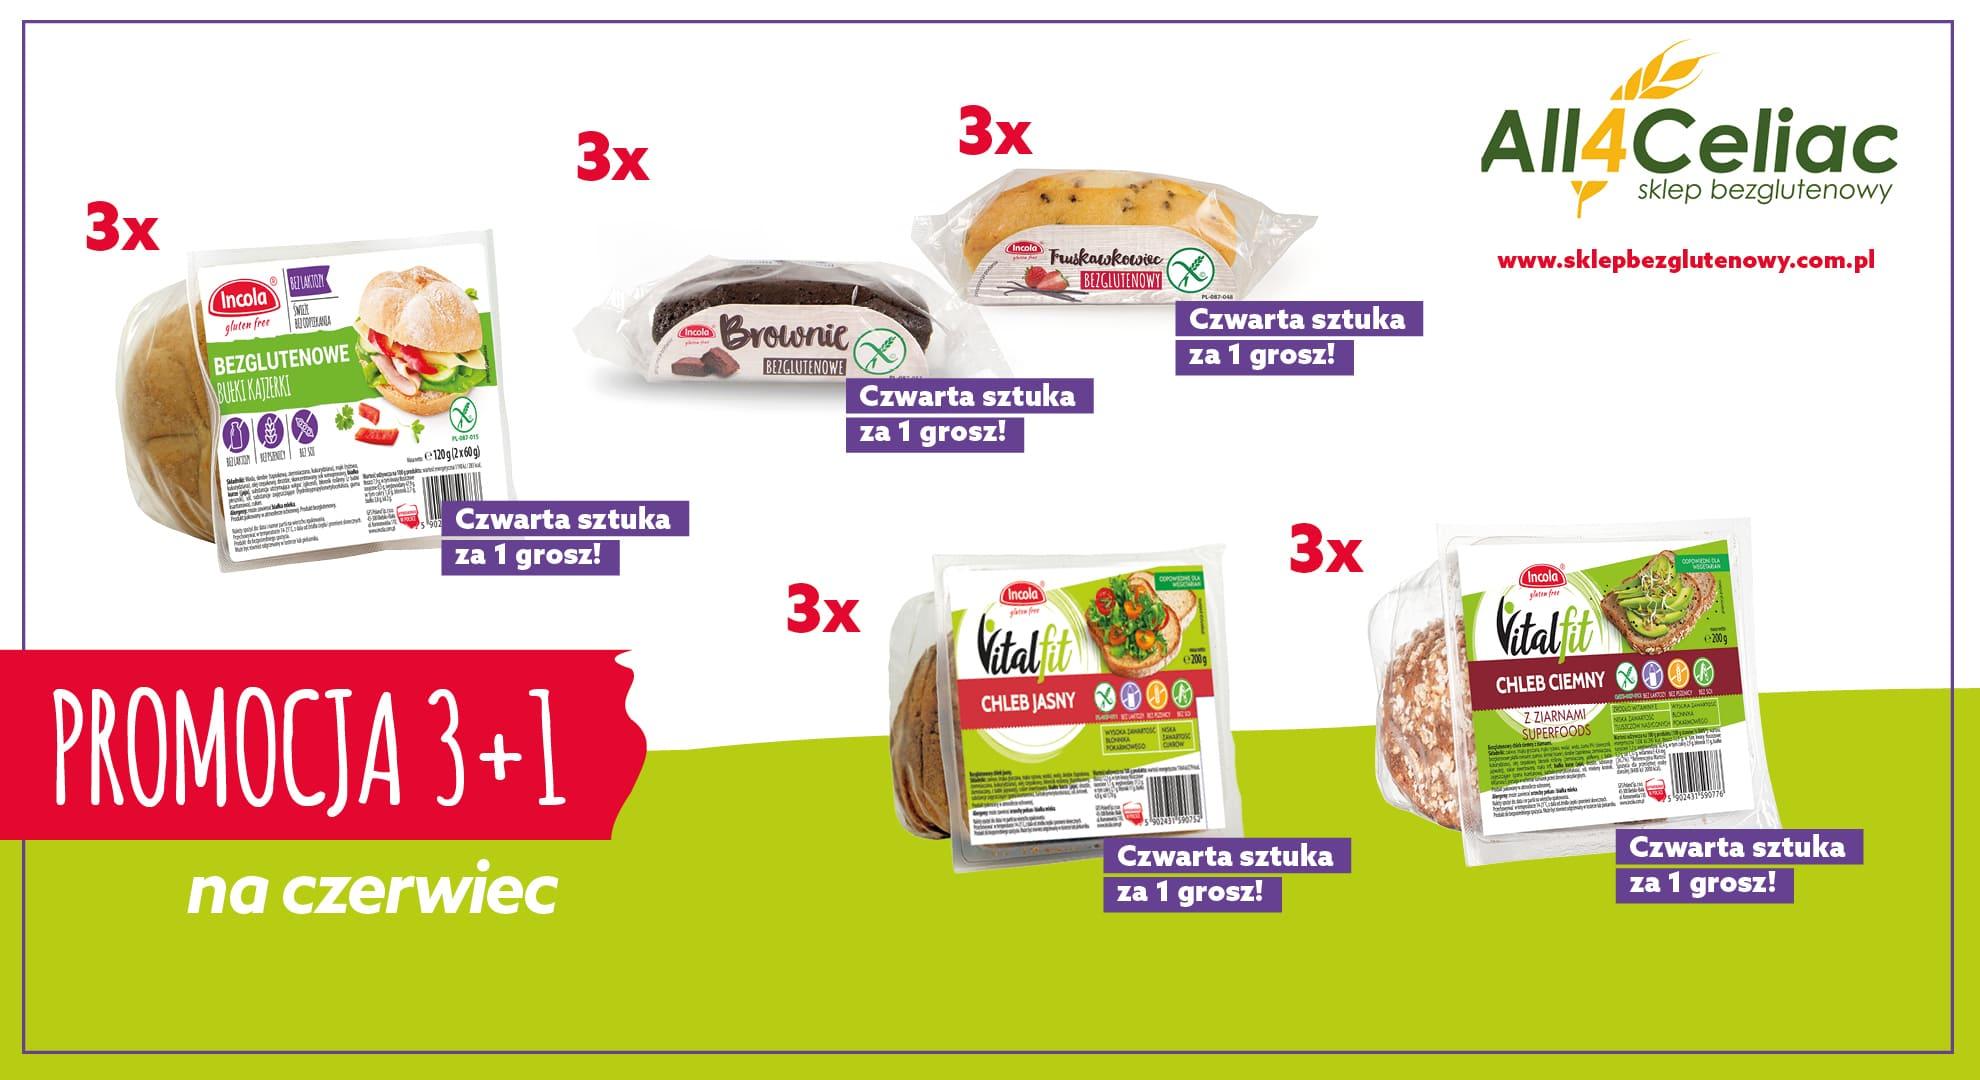 Promocja na bezglutenowe produkty Incola w All4celiac